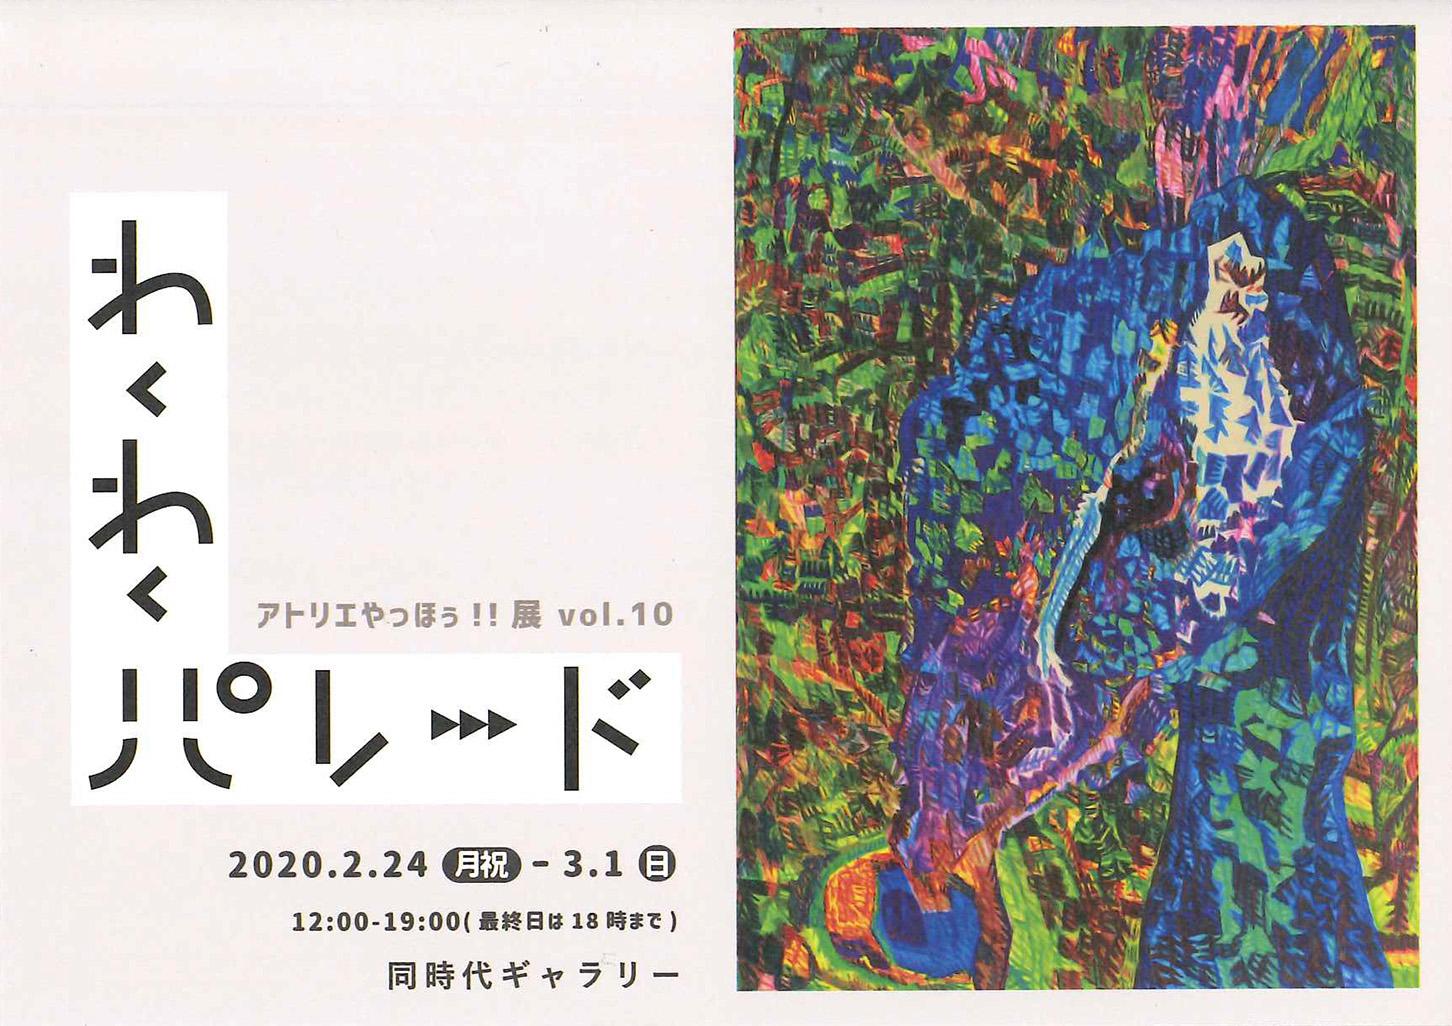 アトリエやっほぅ‼︎展 vol.10 わくわくパレード